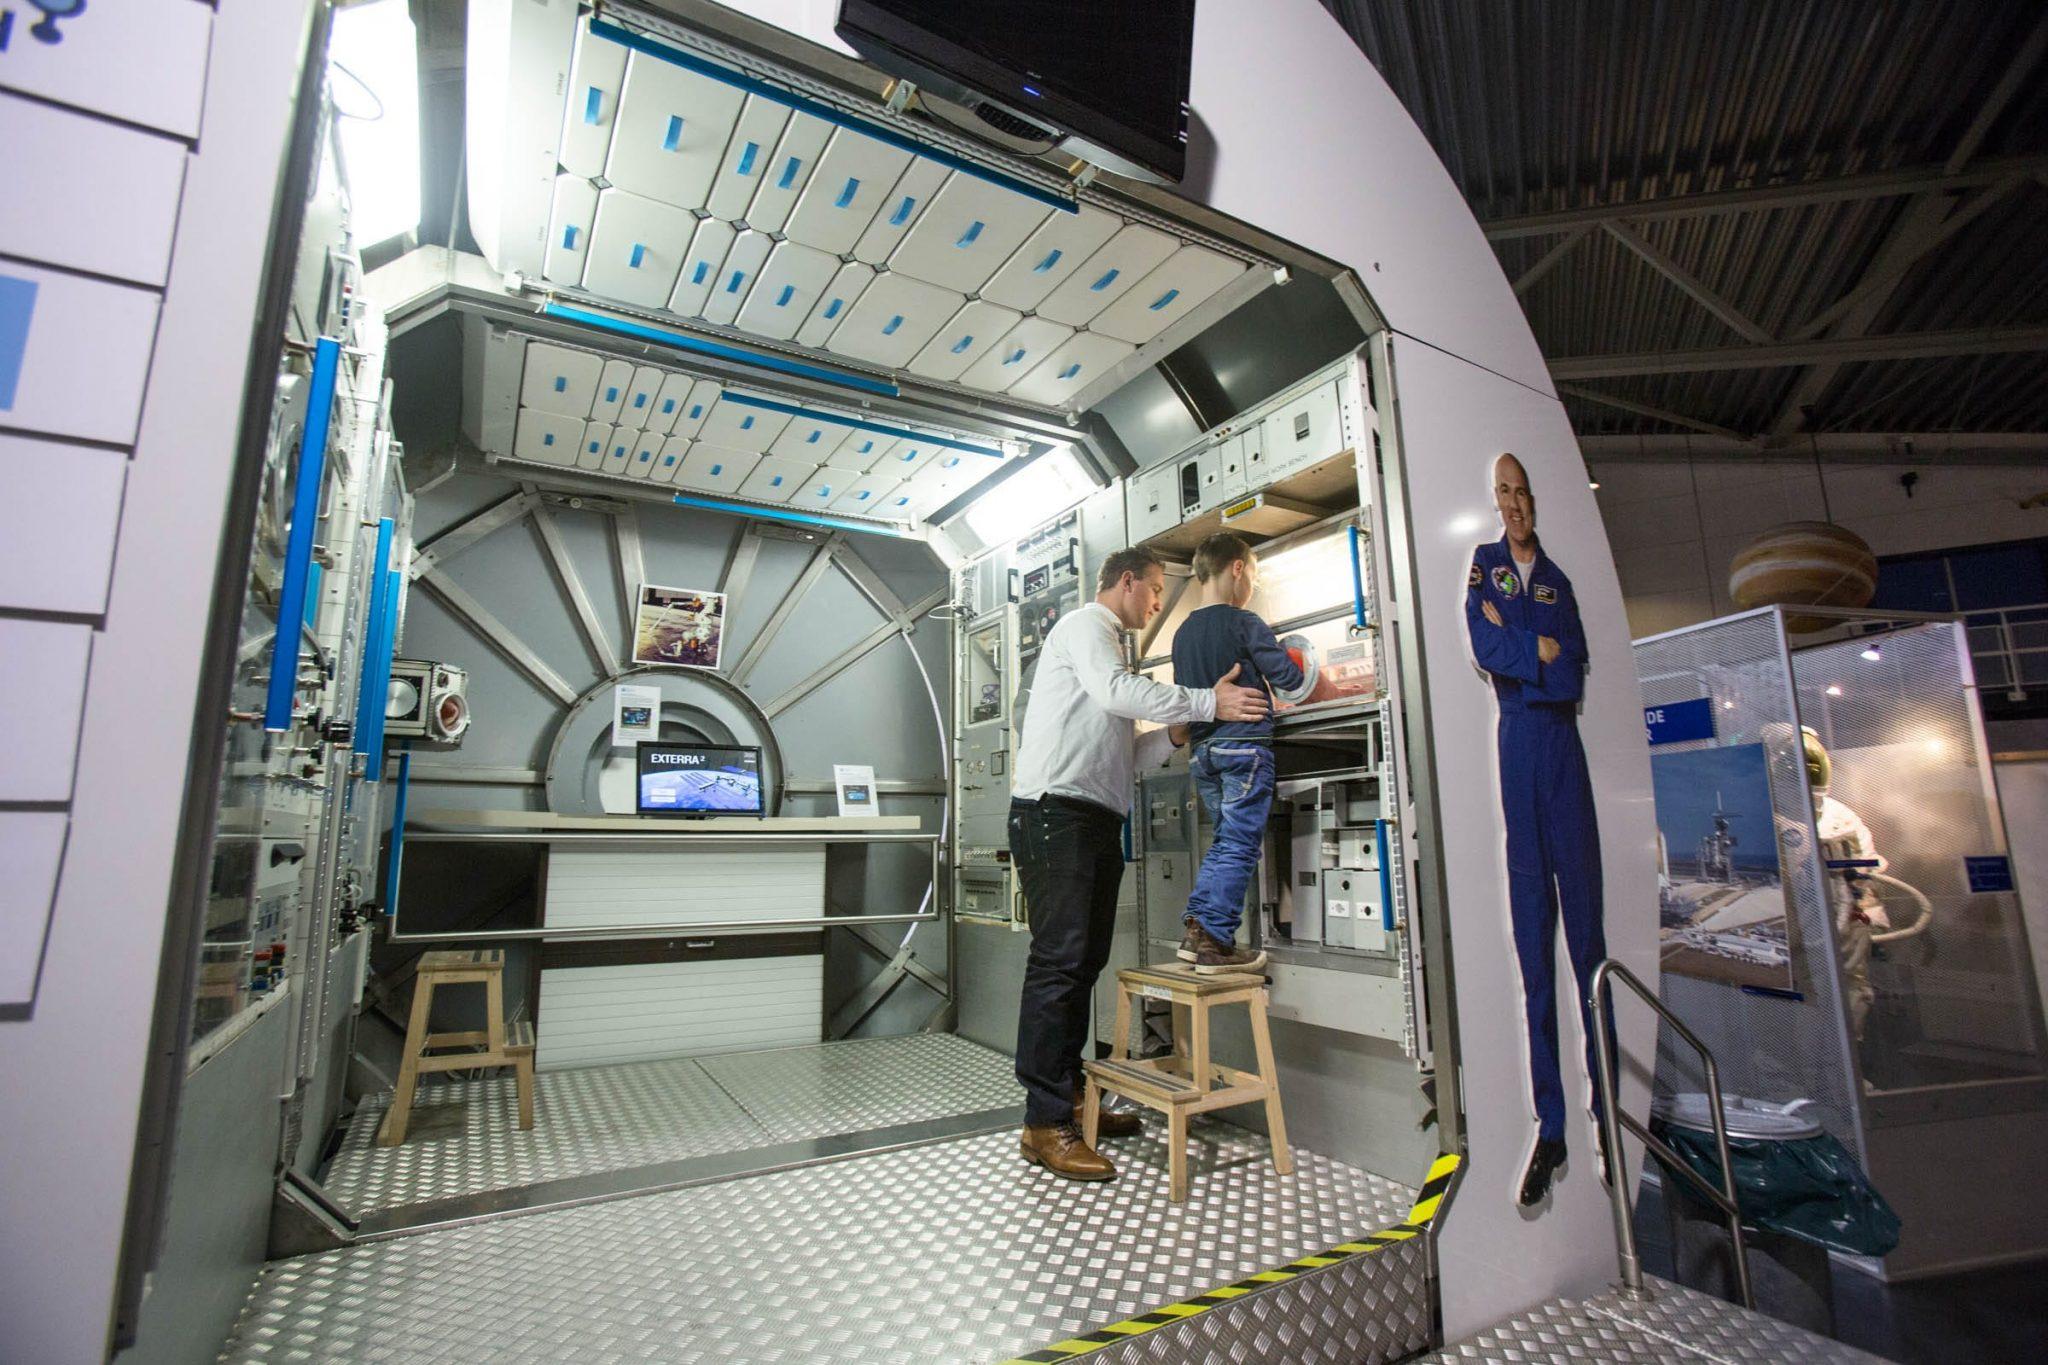 Kleurplaten Ruimtestation.Kennisweken In Samenwerking Met Nationaal Ruimtevaart Museum Aviodrome